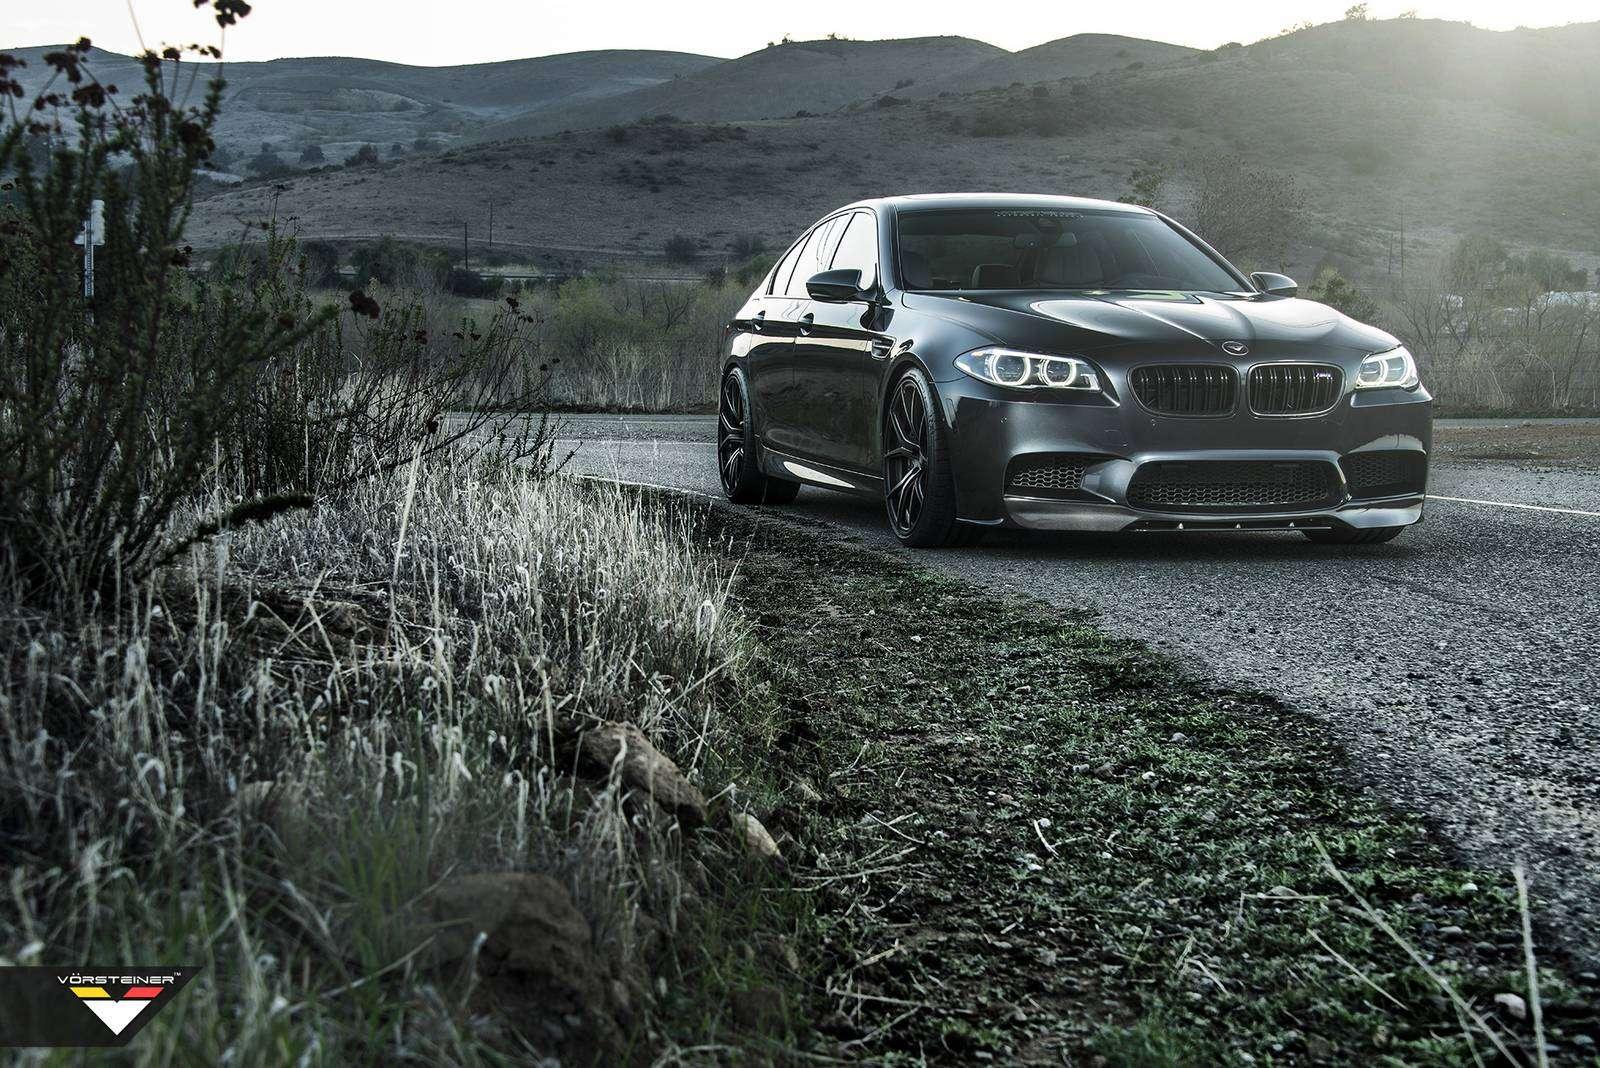 BMW M5 Carbon by Vorsteiner